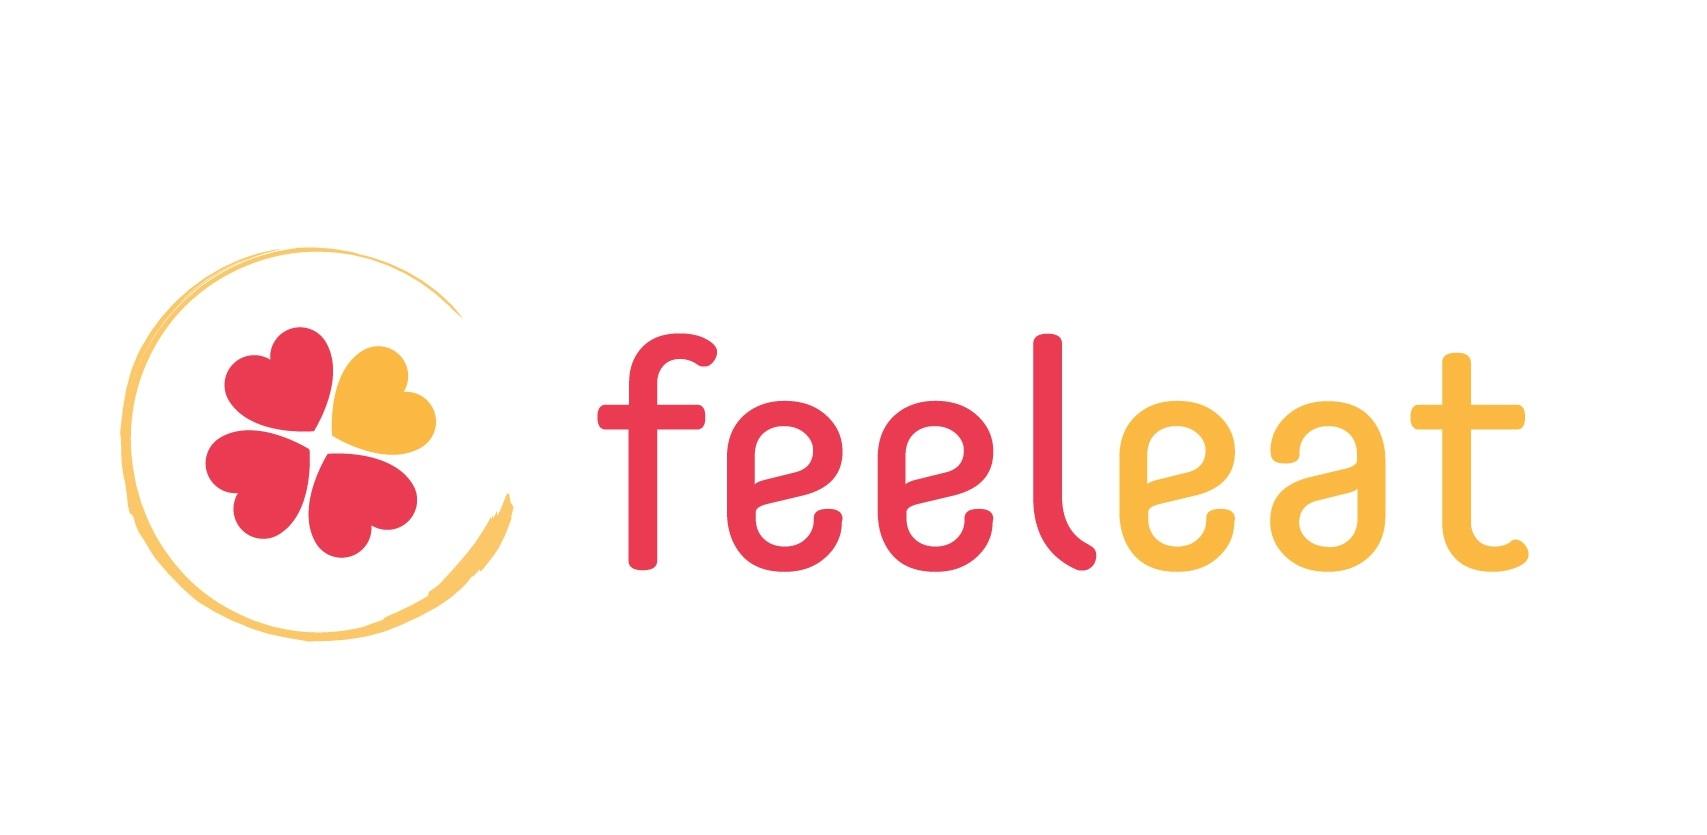 Dans le cadre de ses enquêtes, le site Feeleat a interrogé la Ligue contre l'obésité (LCO) sur ses missions et sa stratégie pour lutter contre la maladie obésité